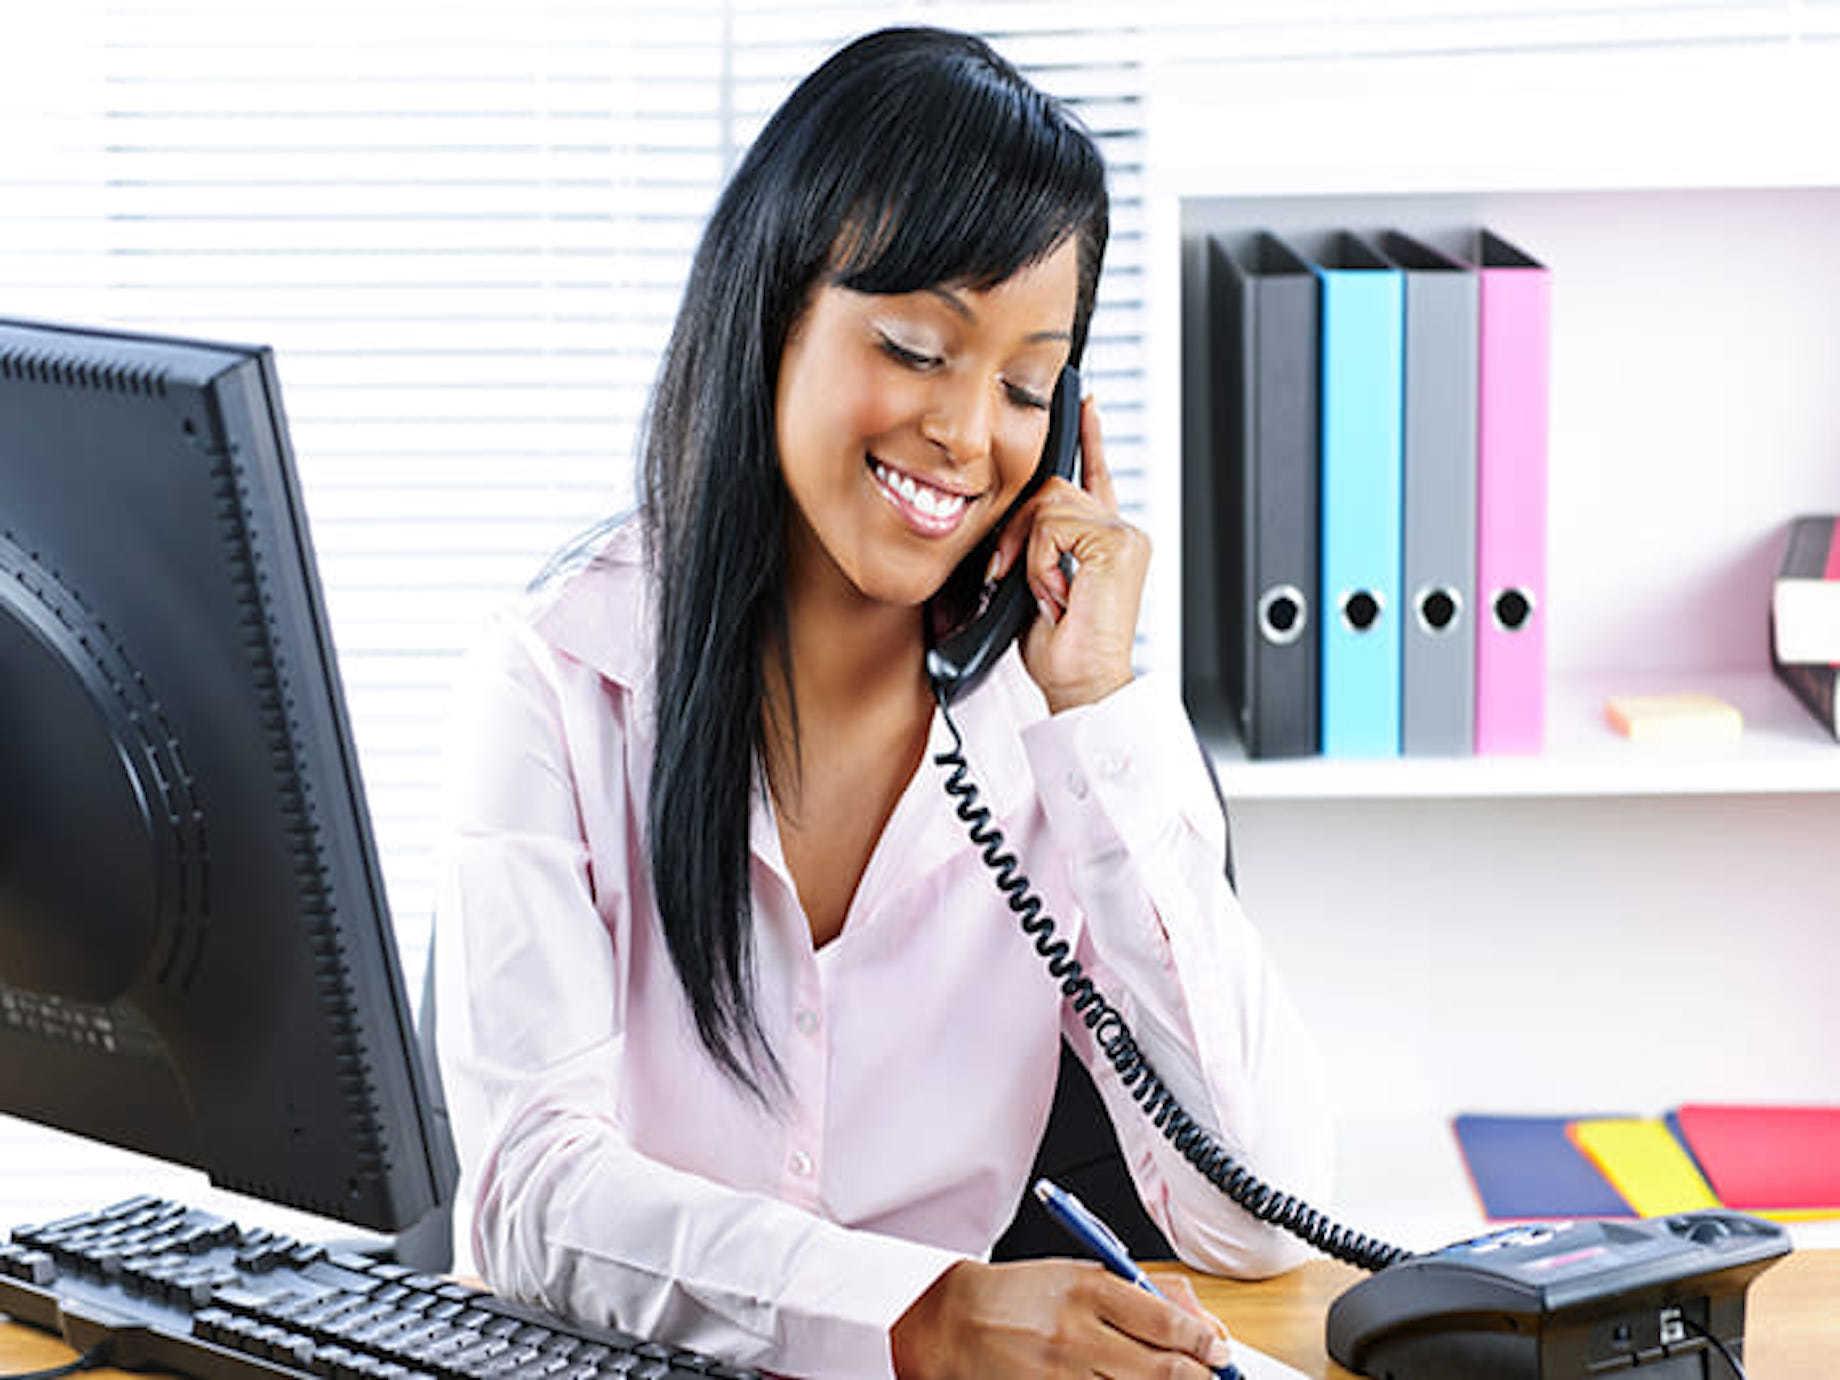 別再因為「不會講電話」讓專業形象扣分!電話應答你該熟悉的6大步驟!